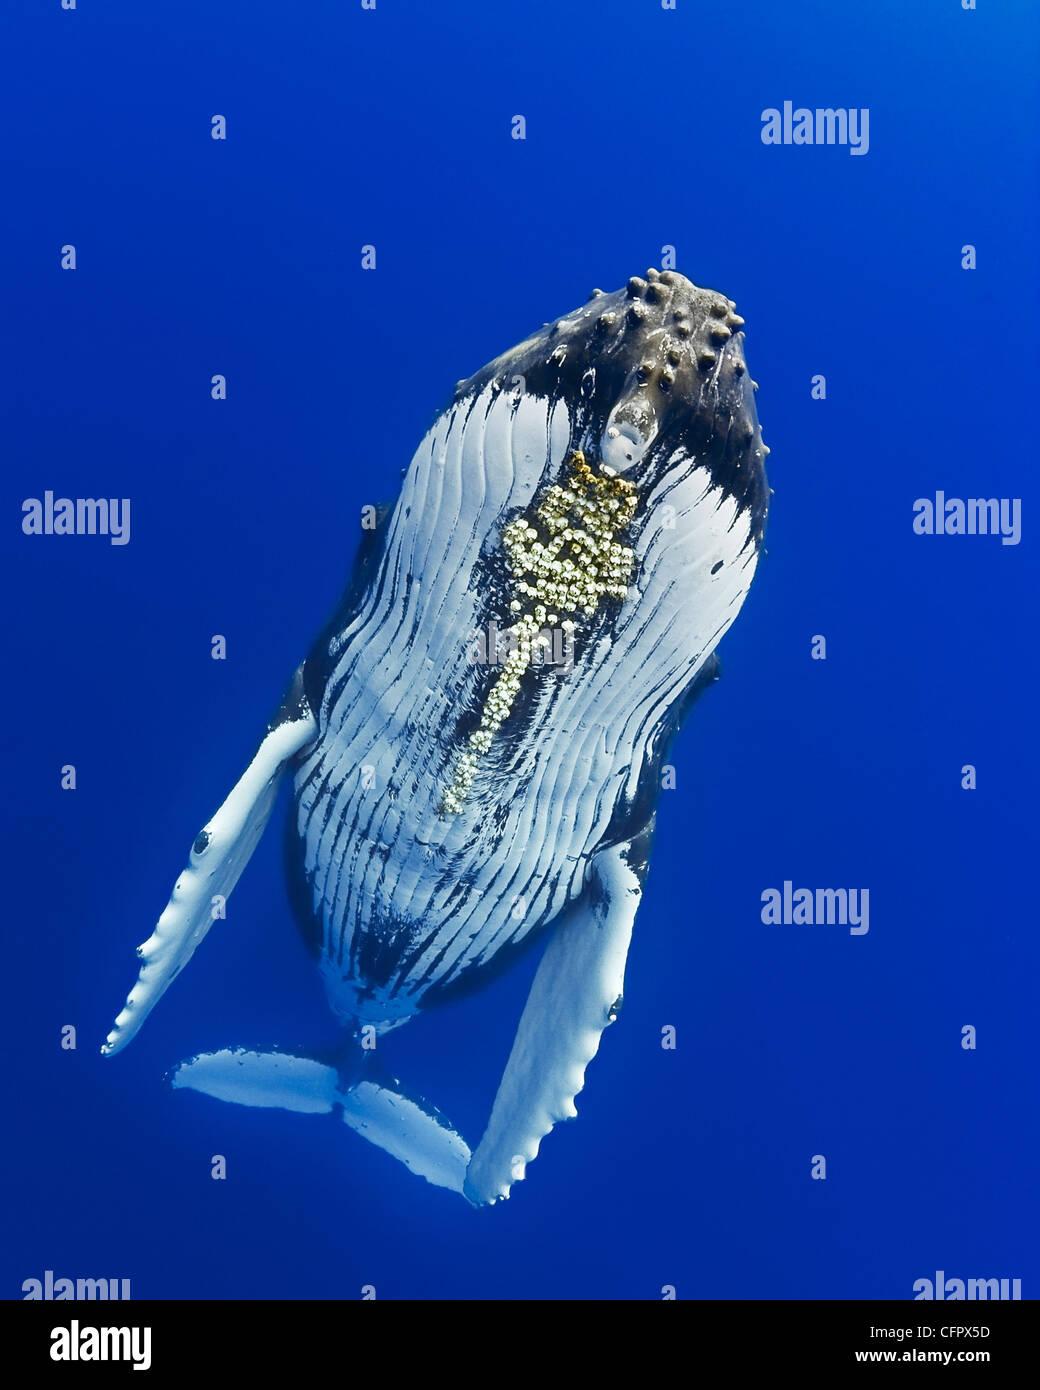 La ballena jorobada, Megaptera novaeangliae, con bellota parasitaria percebes colocadas debajo de la barbilla, Cornula diaderma, Hawaii, EE.UU. Foto de stock